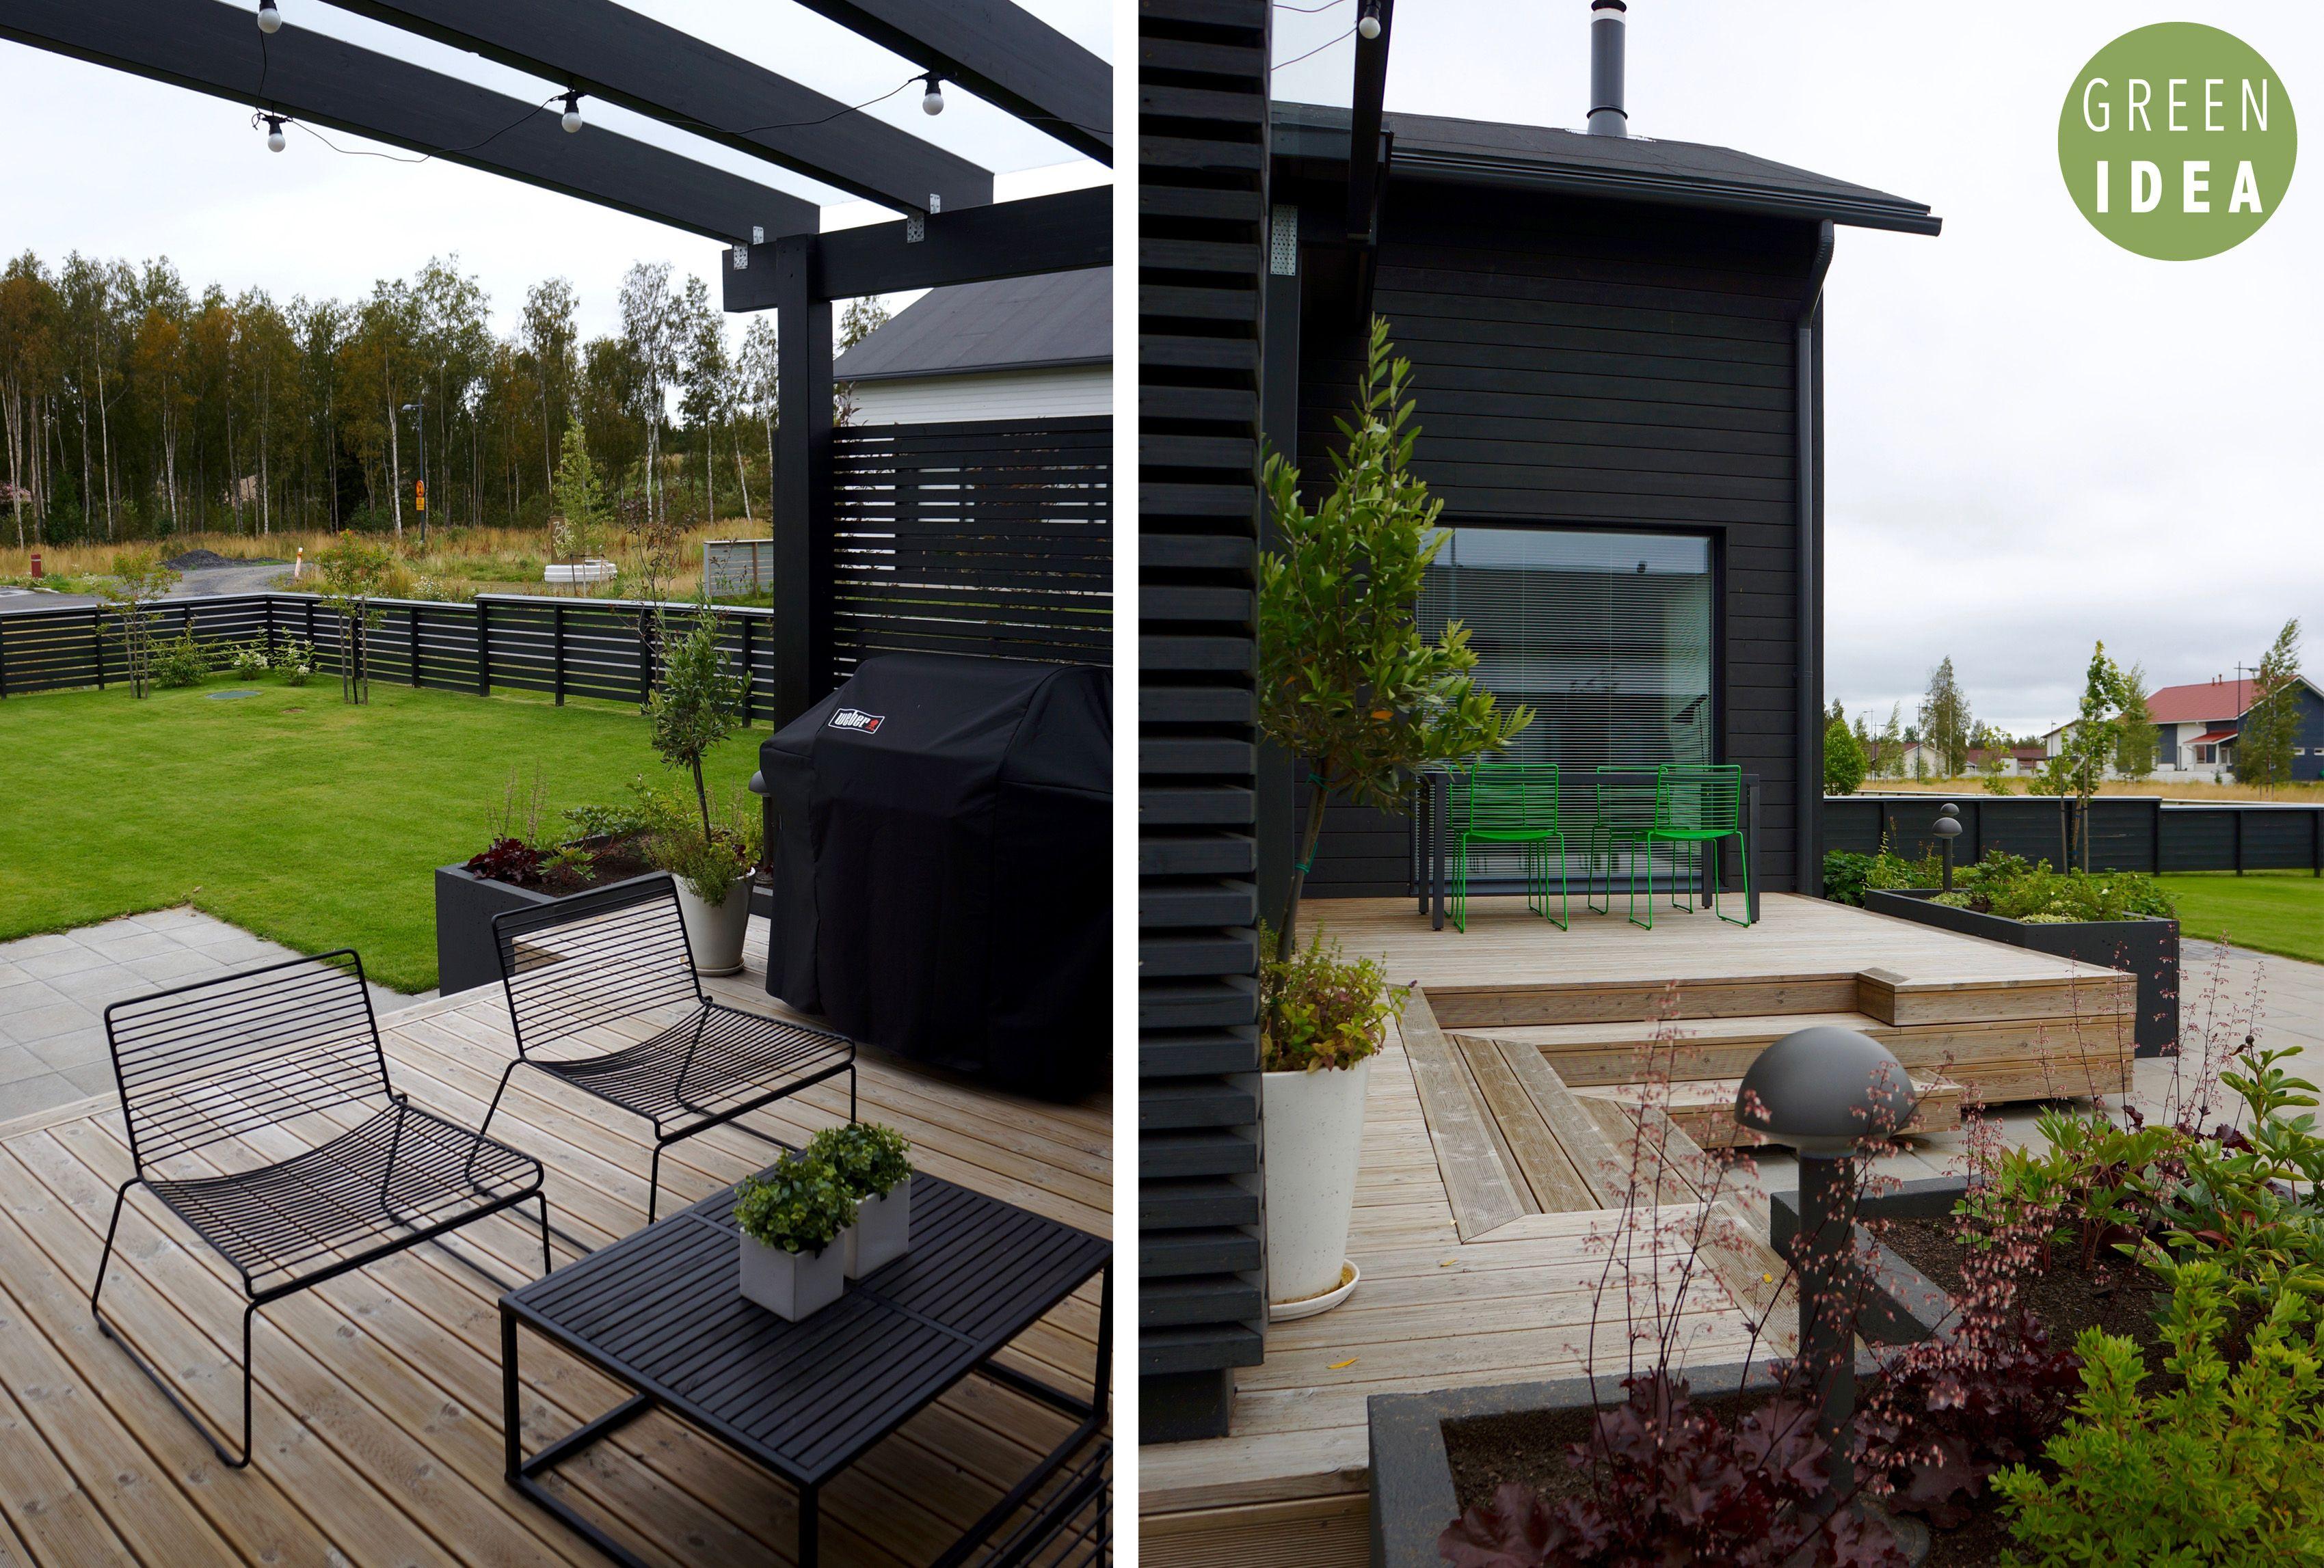 Sohvapöytä  Pihasuunnittelu | GREEN IDEA | Oulu, Helsinki, Rovaniemi, Turku, Tampere, Kuopio